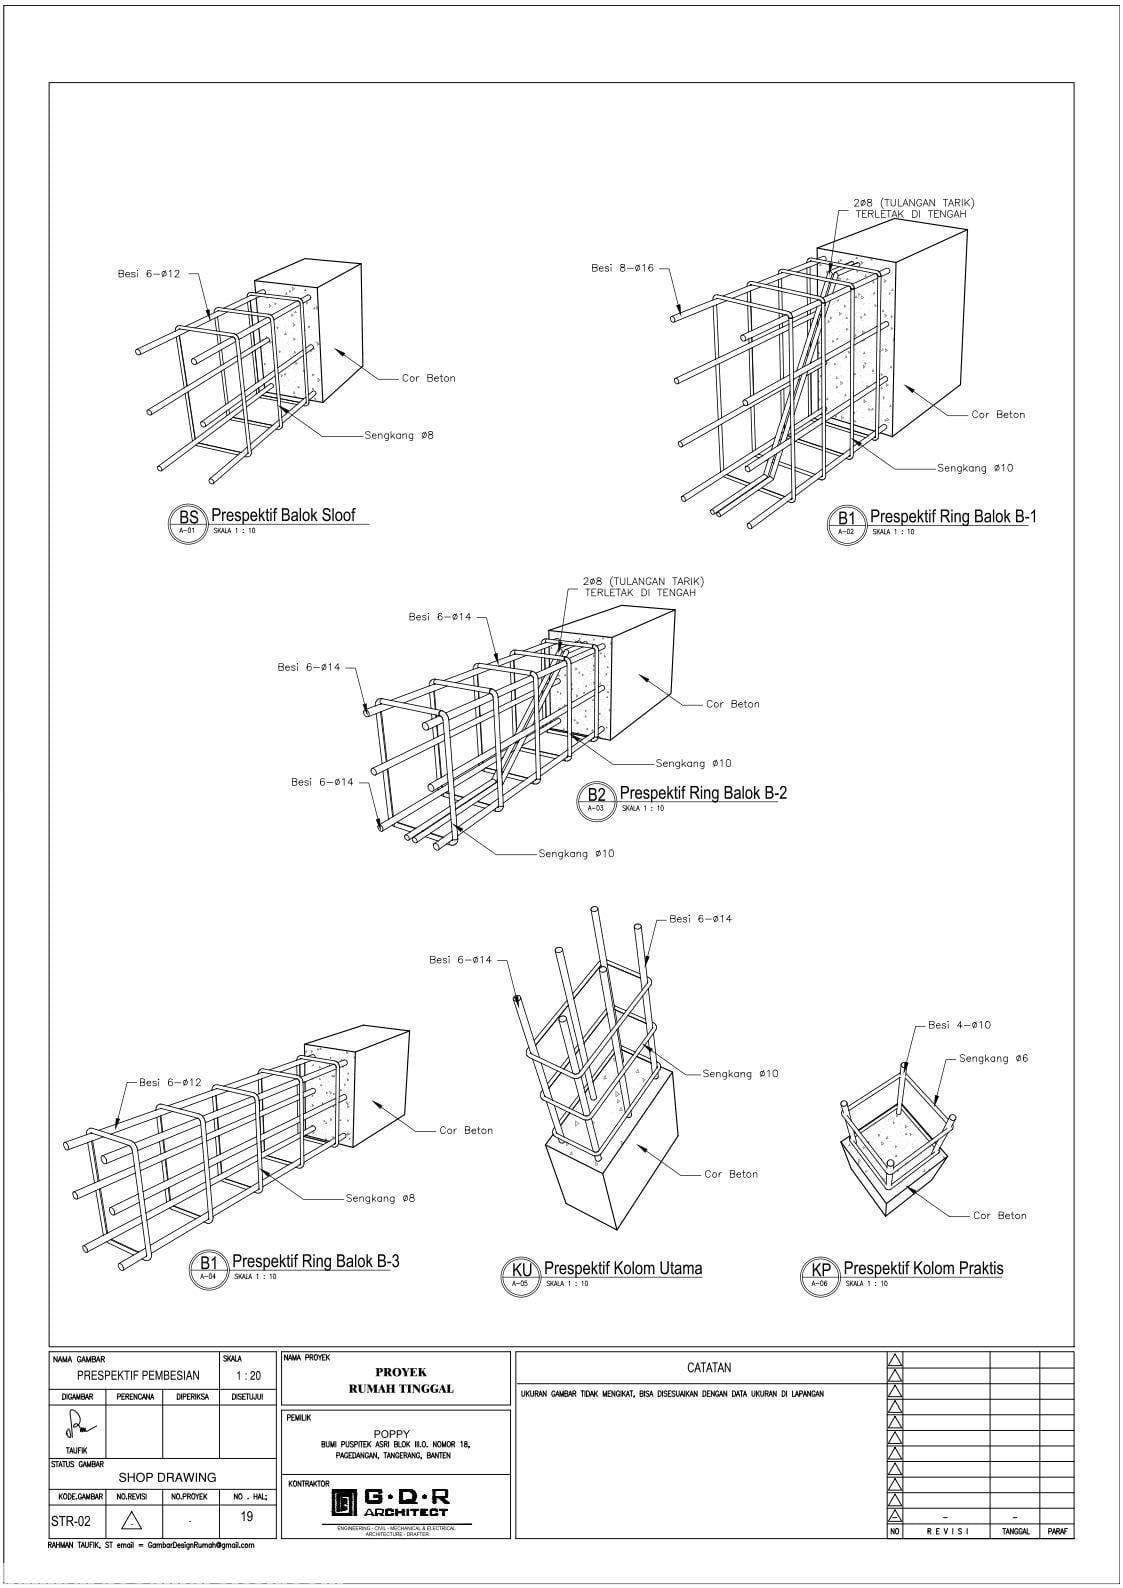 Jasa Desain Rumah Contoh Paket Gambar Kerja 19 PERSPEKTIF PEMBESIAN